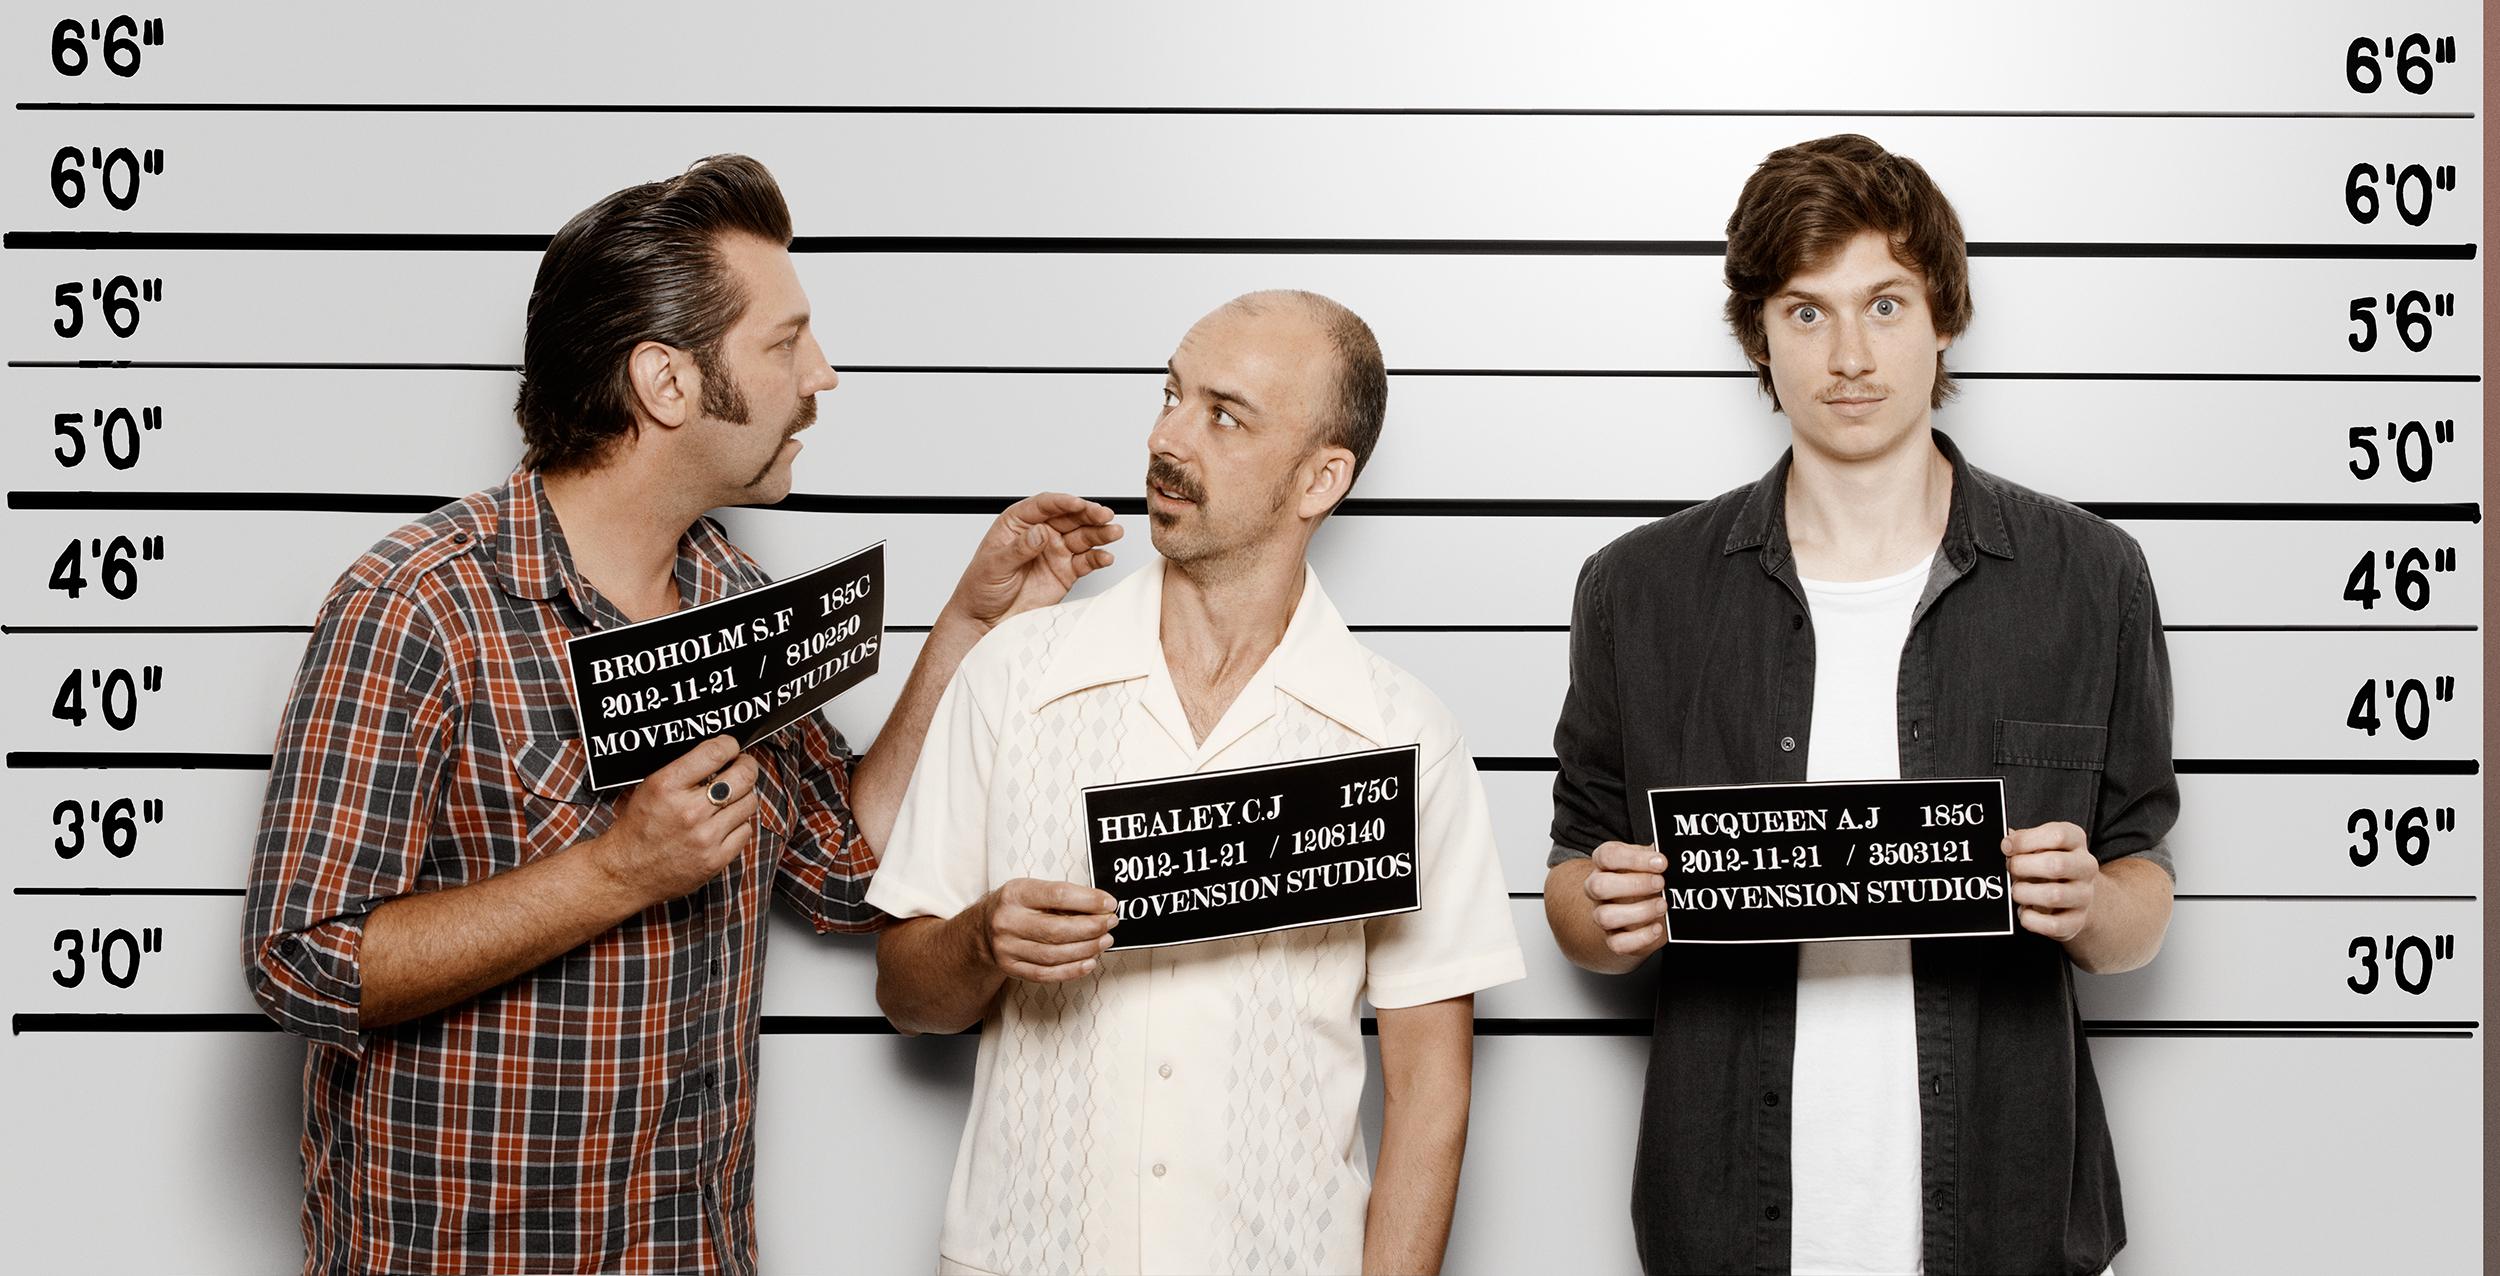 Movember promo